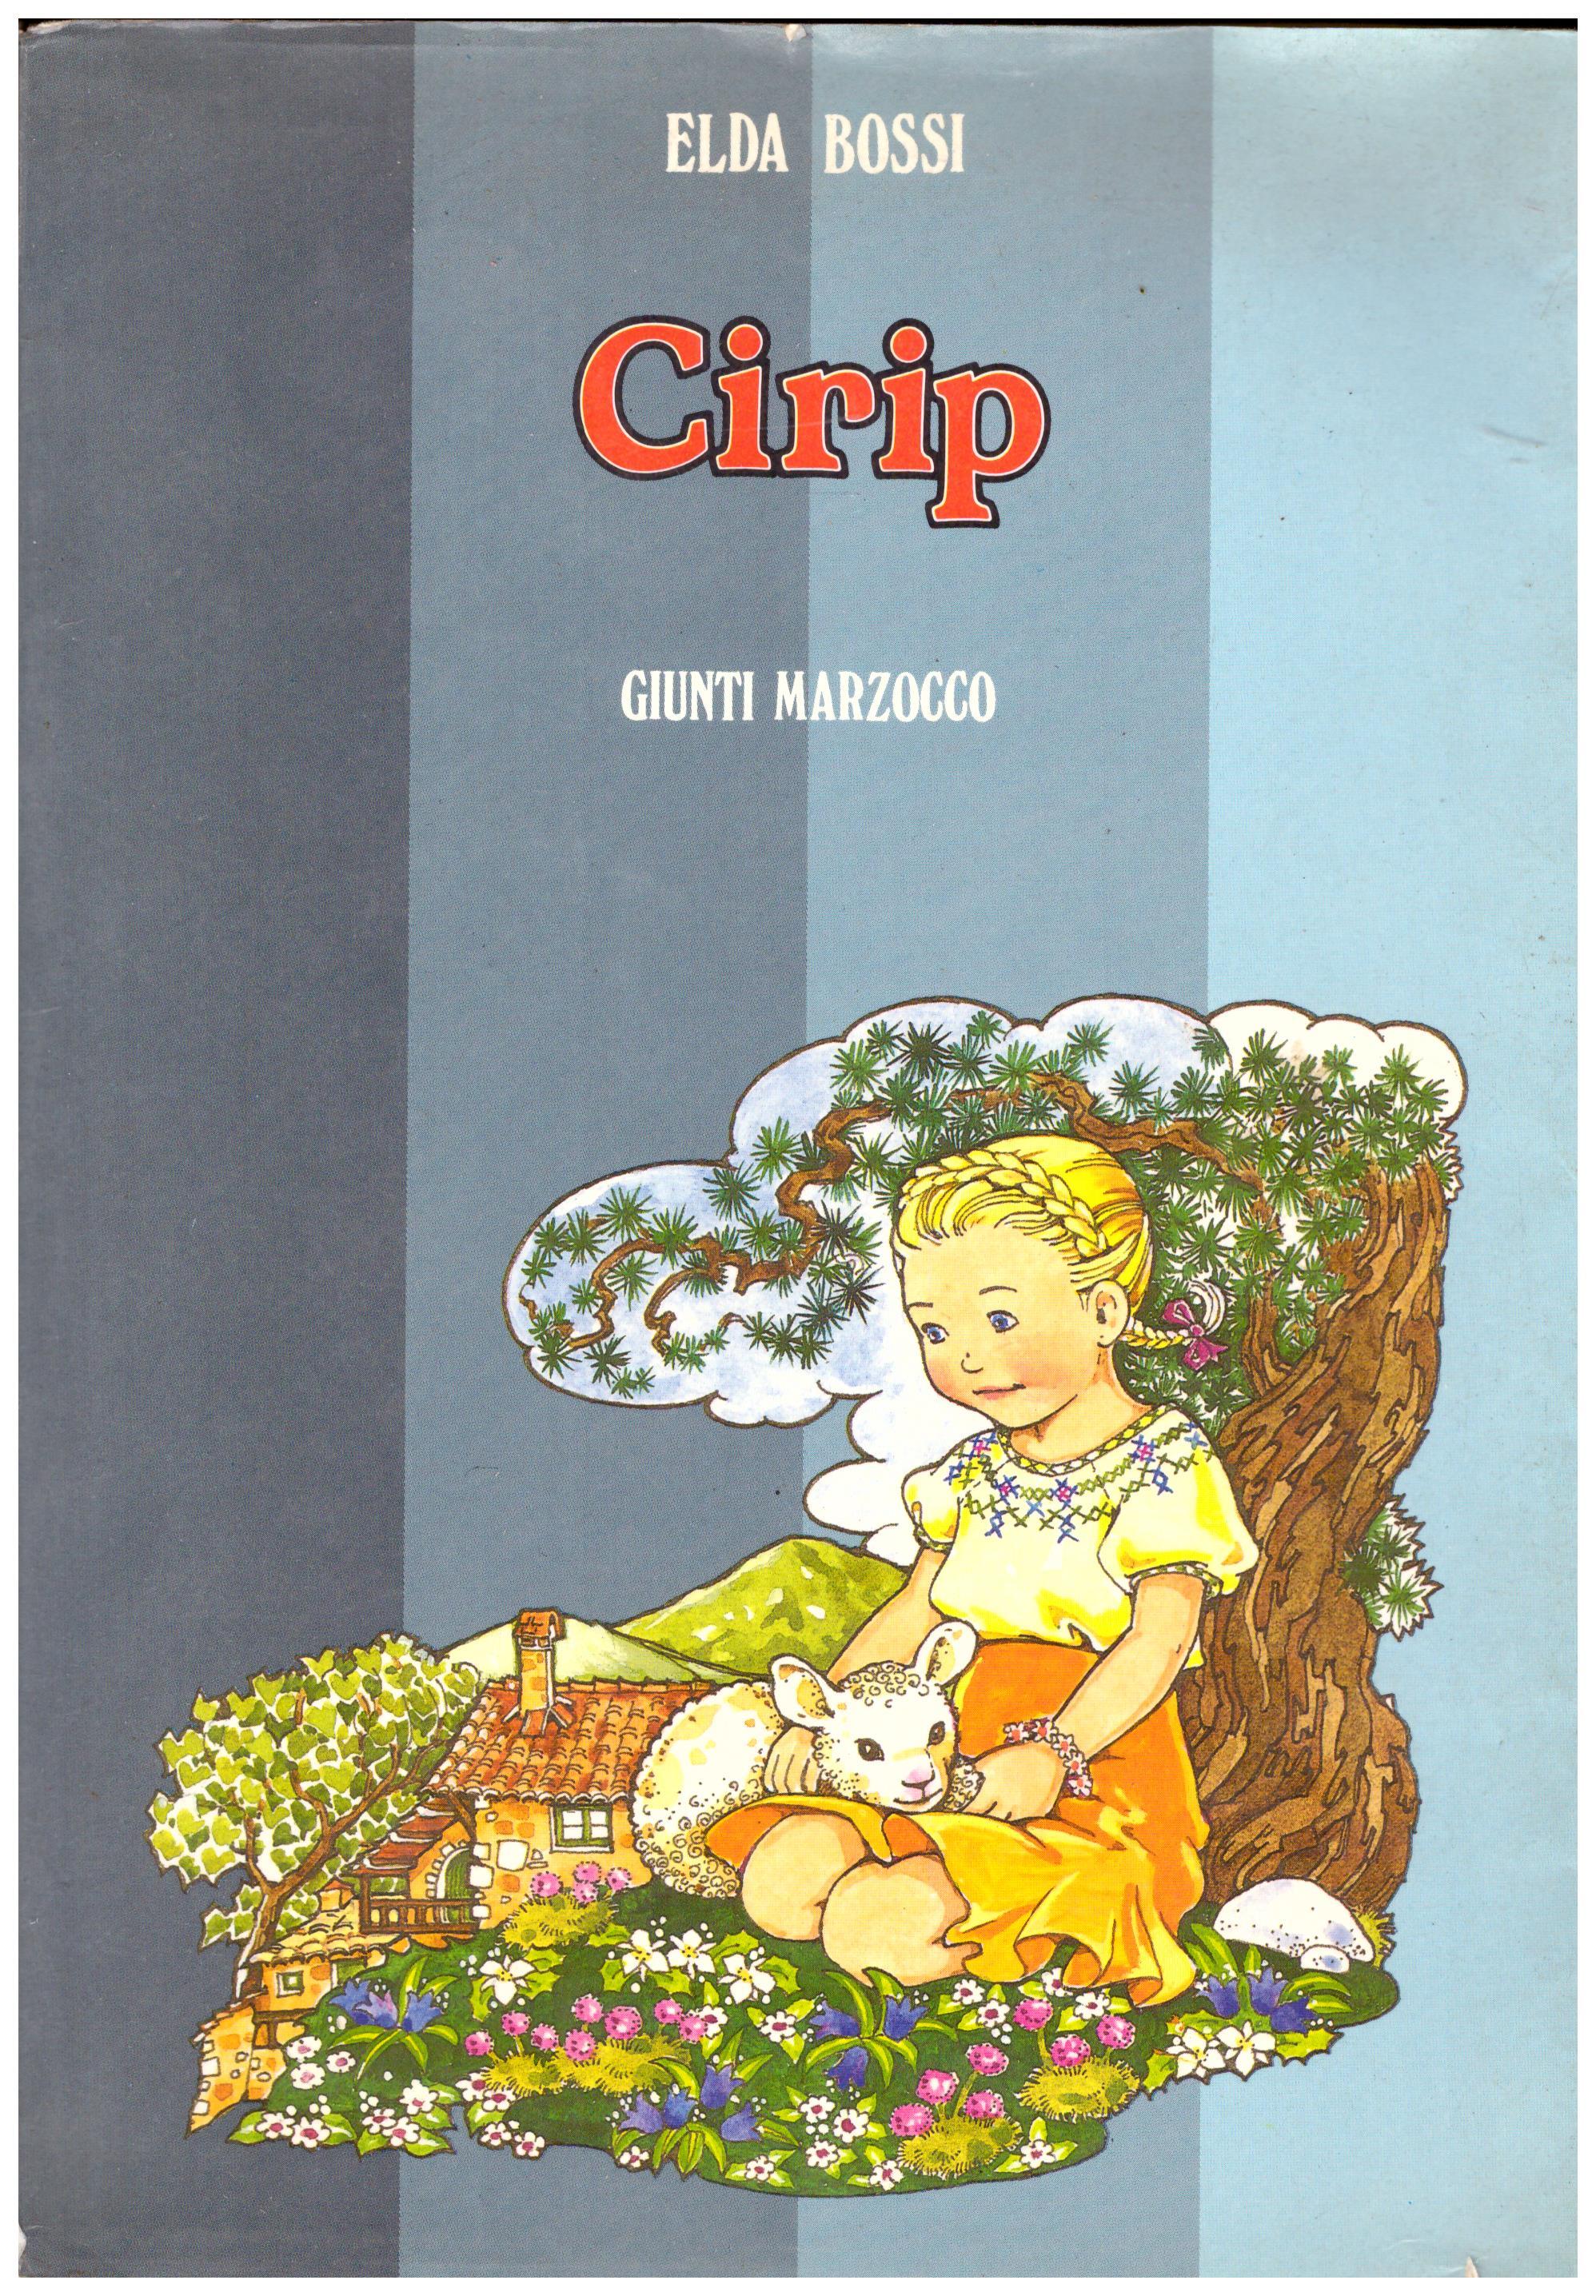 Titolo: Cirip Autore: Elda Bossi Editore: Giunti Marzocco, 1984